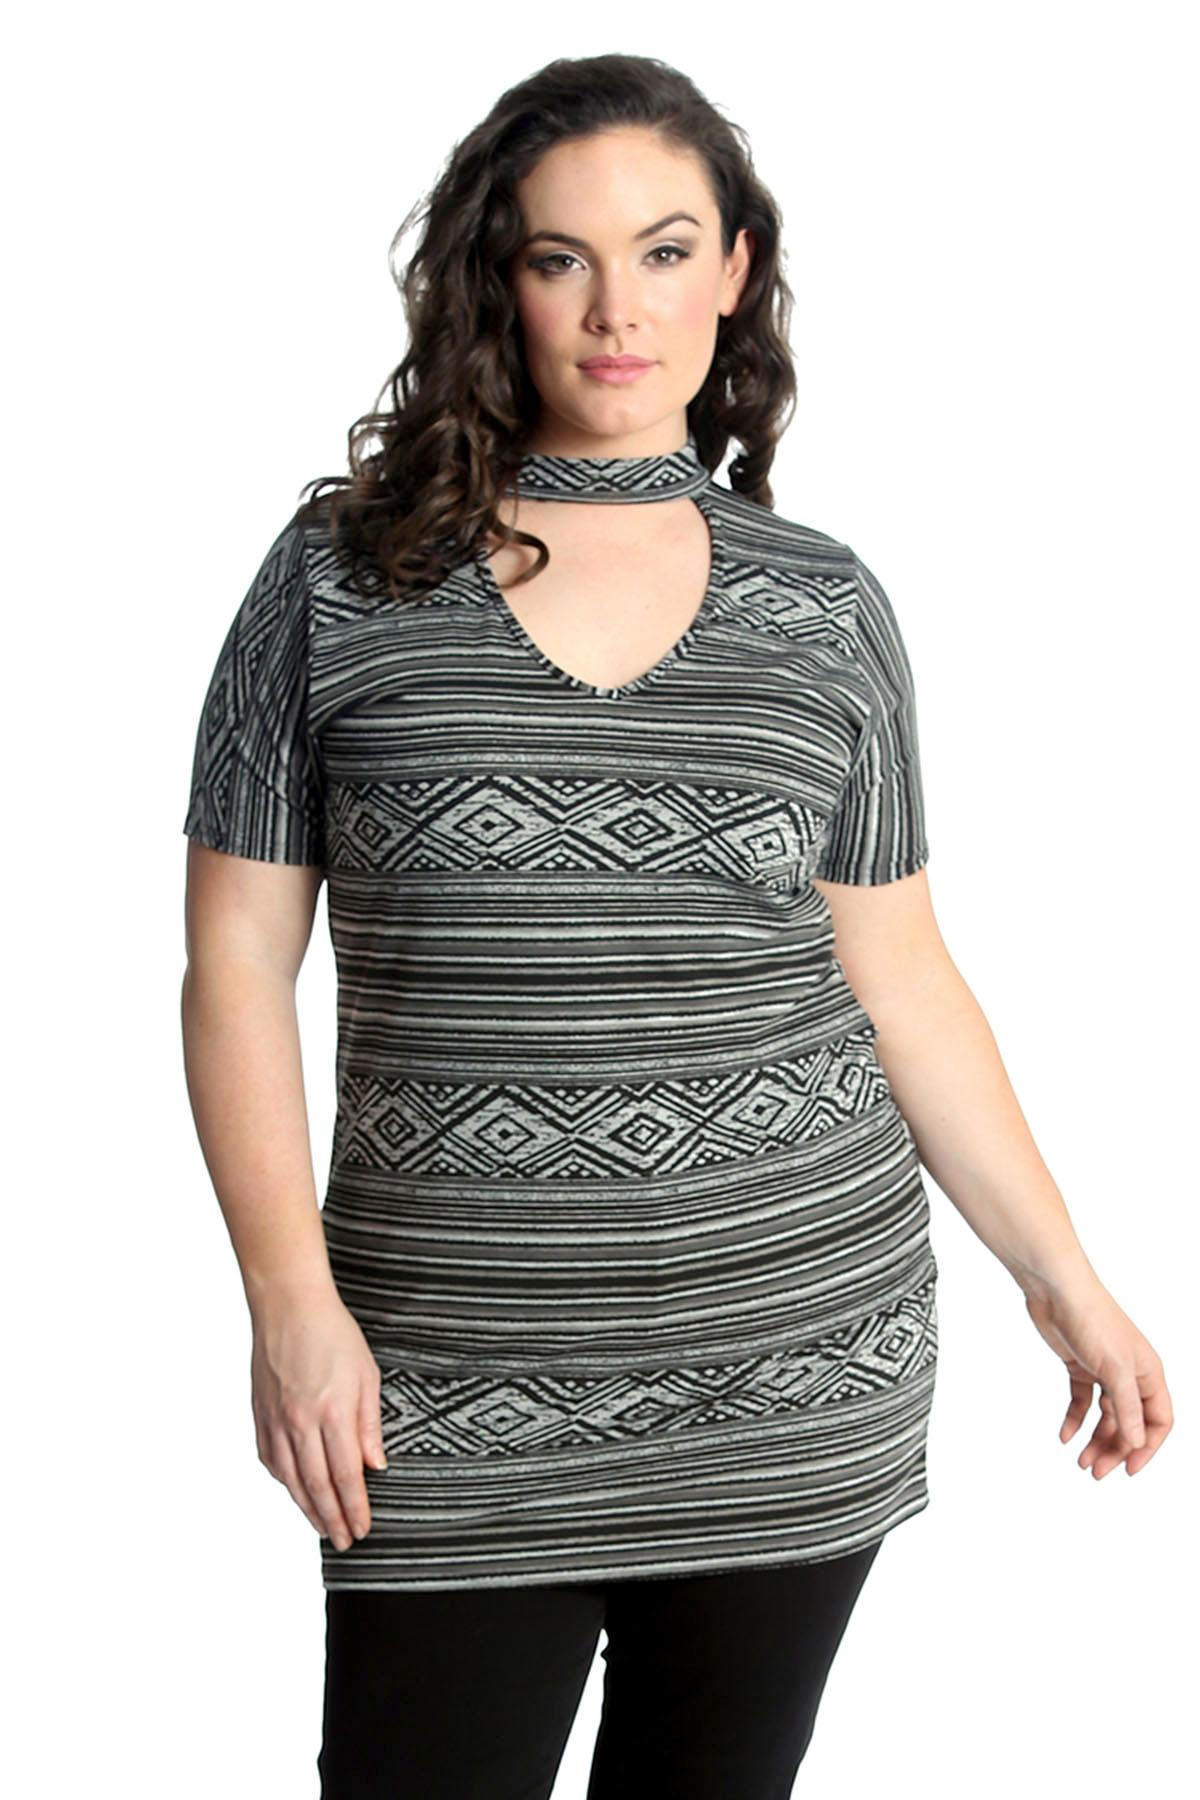 New-Ladies-Top-Plus-Size-Womens-T-Shirt-Aztec-Print-Tunic-Choker-Neck-Nouvelle